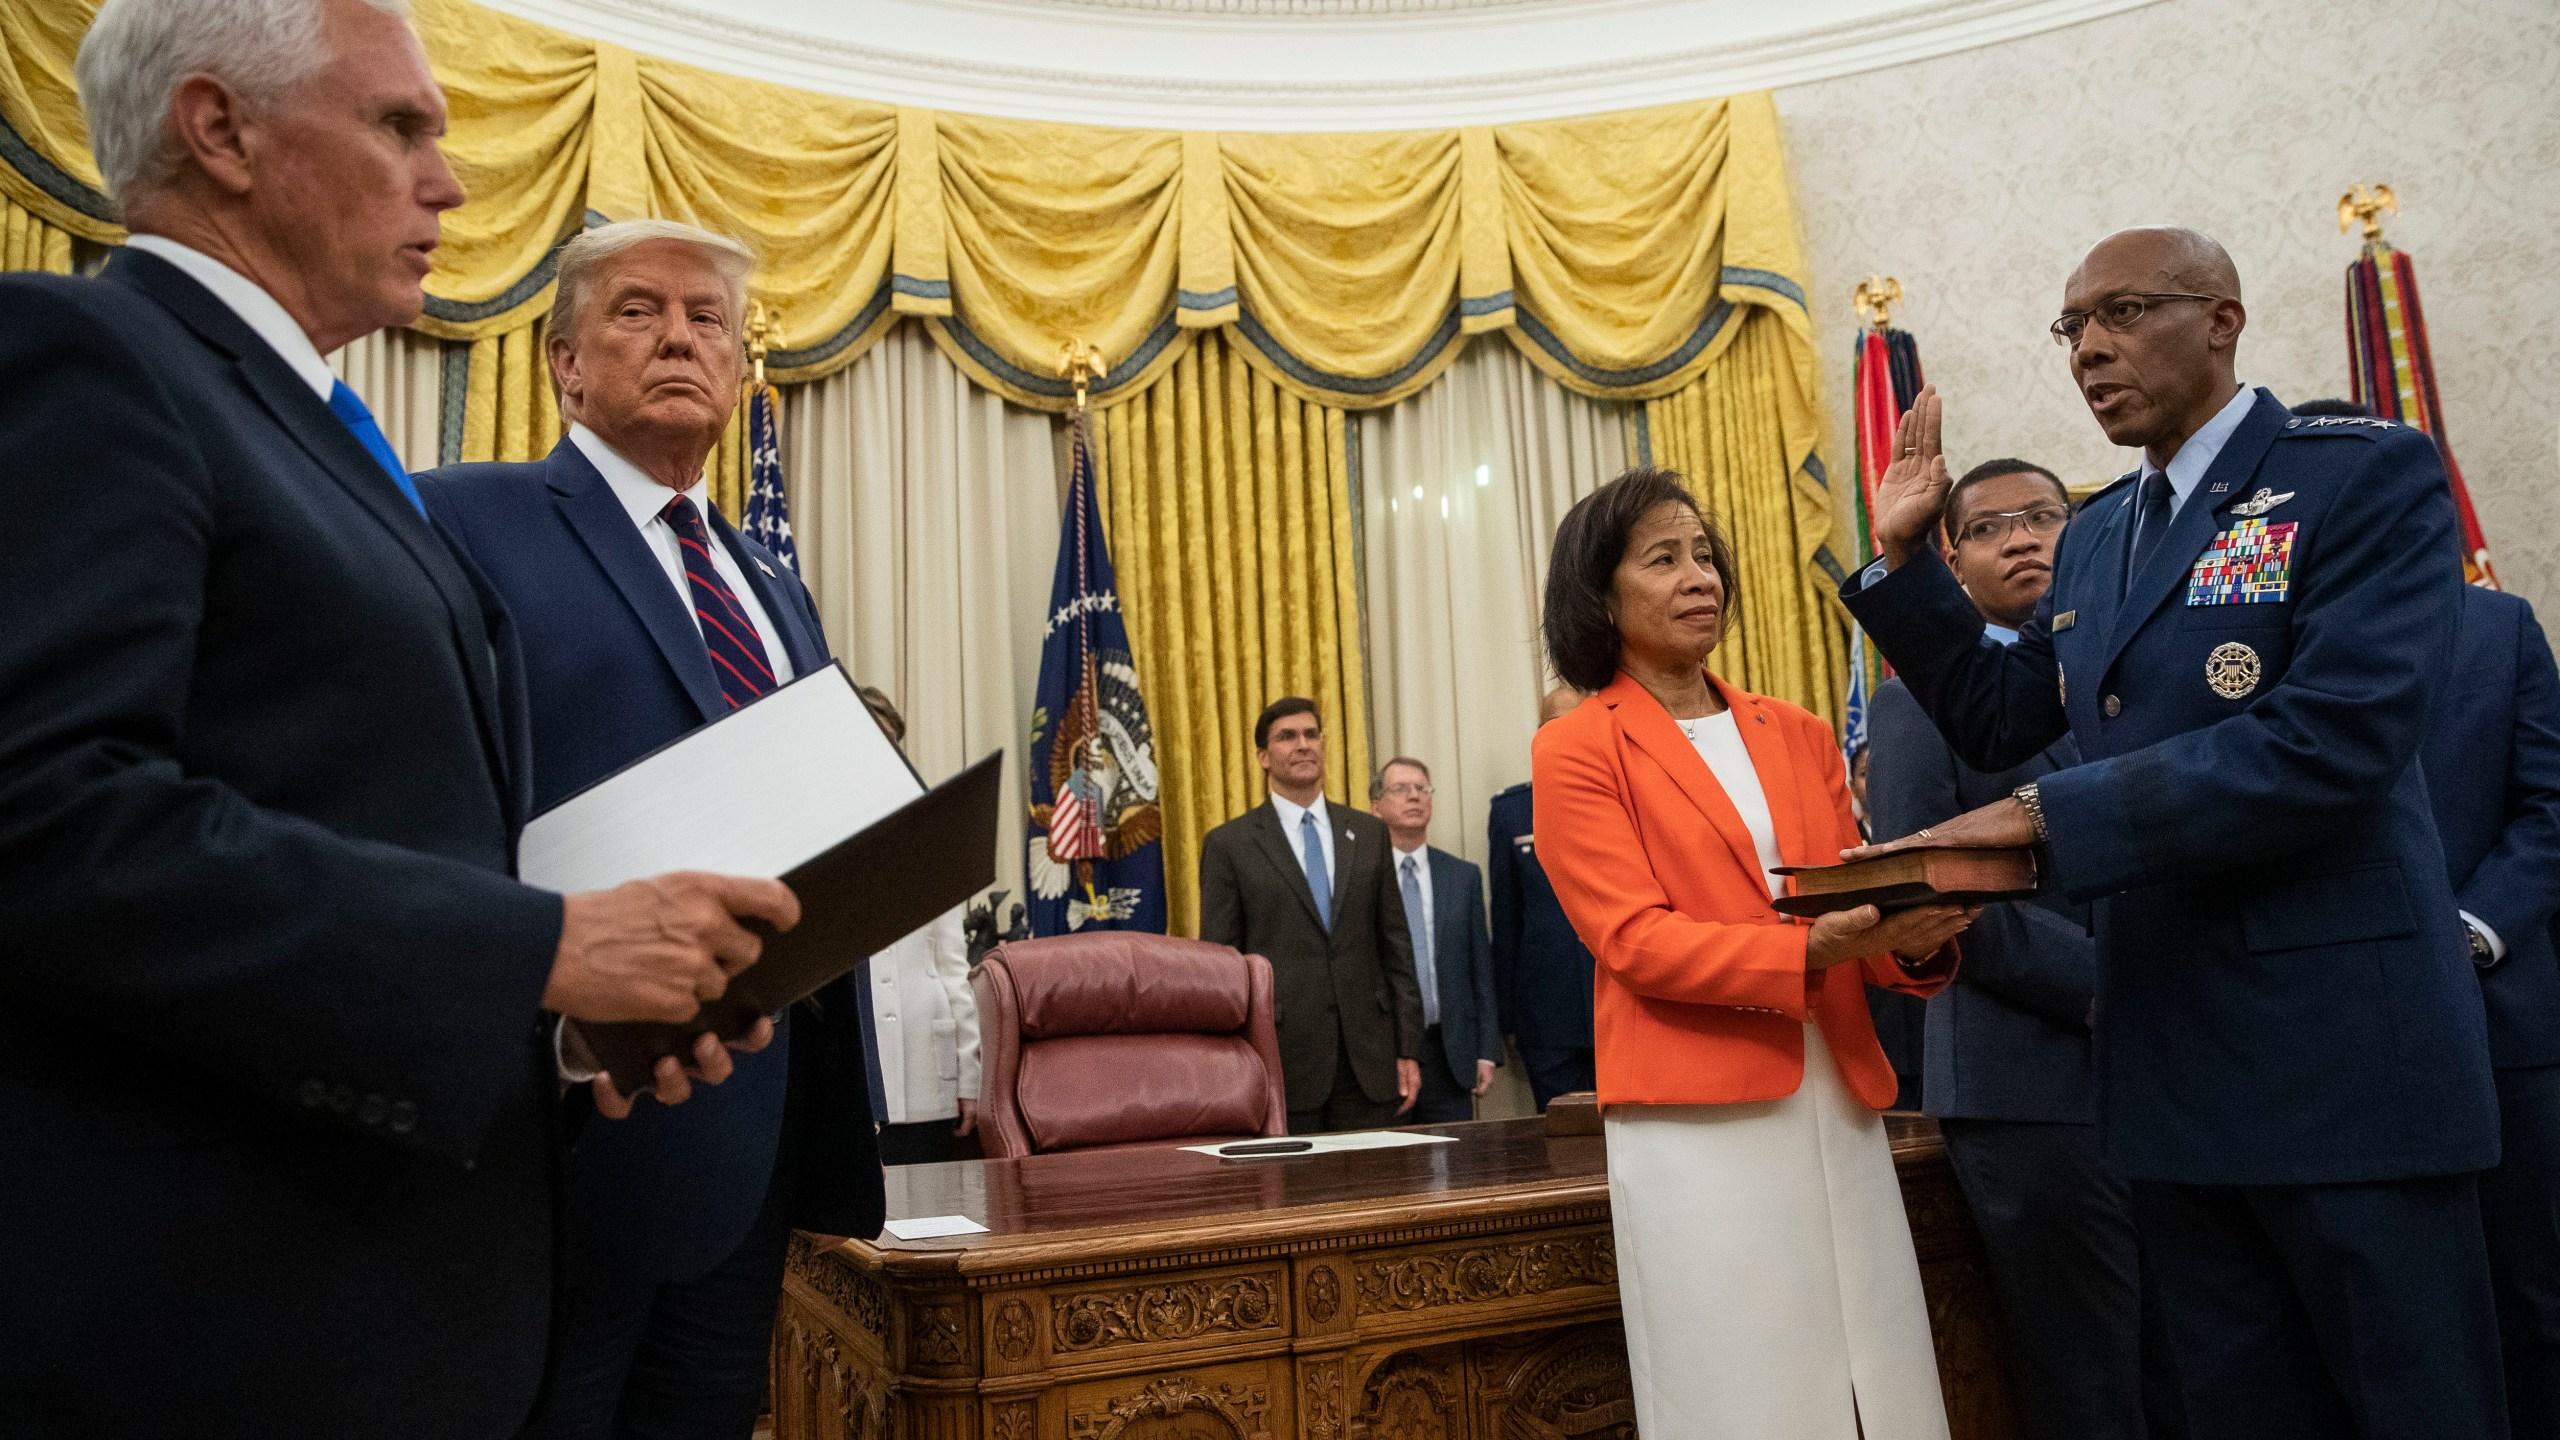 Donald Trump, Charles Q. Brown Jr.